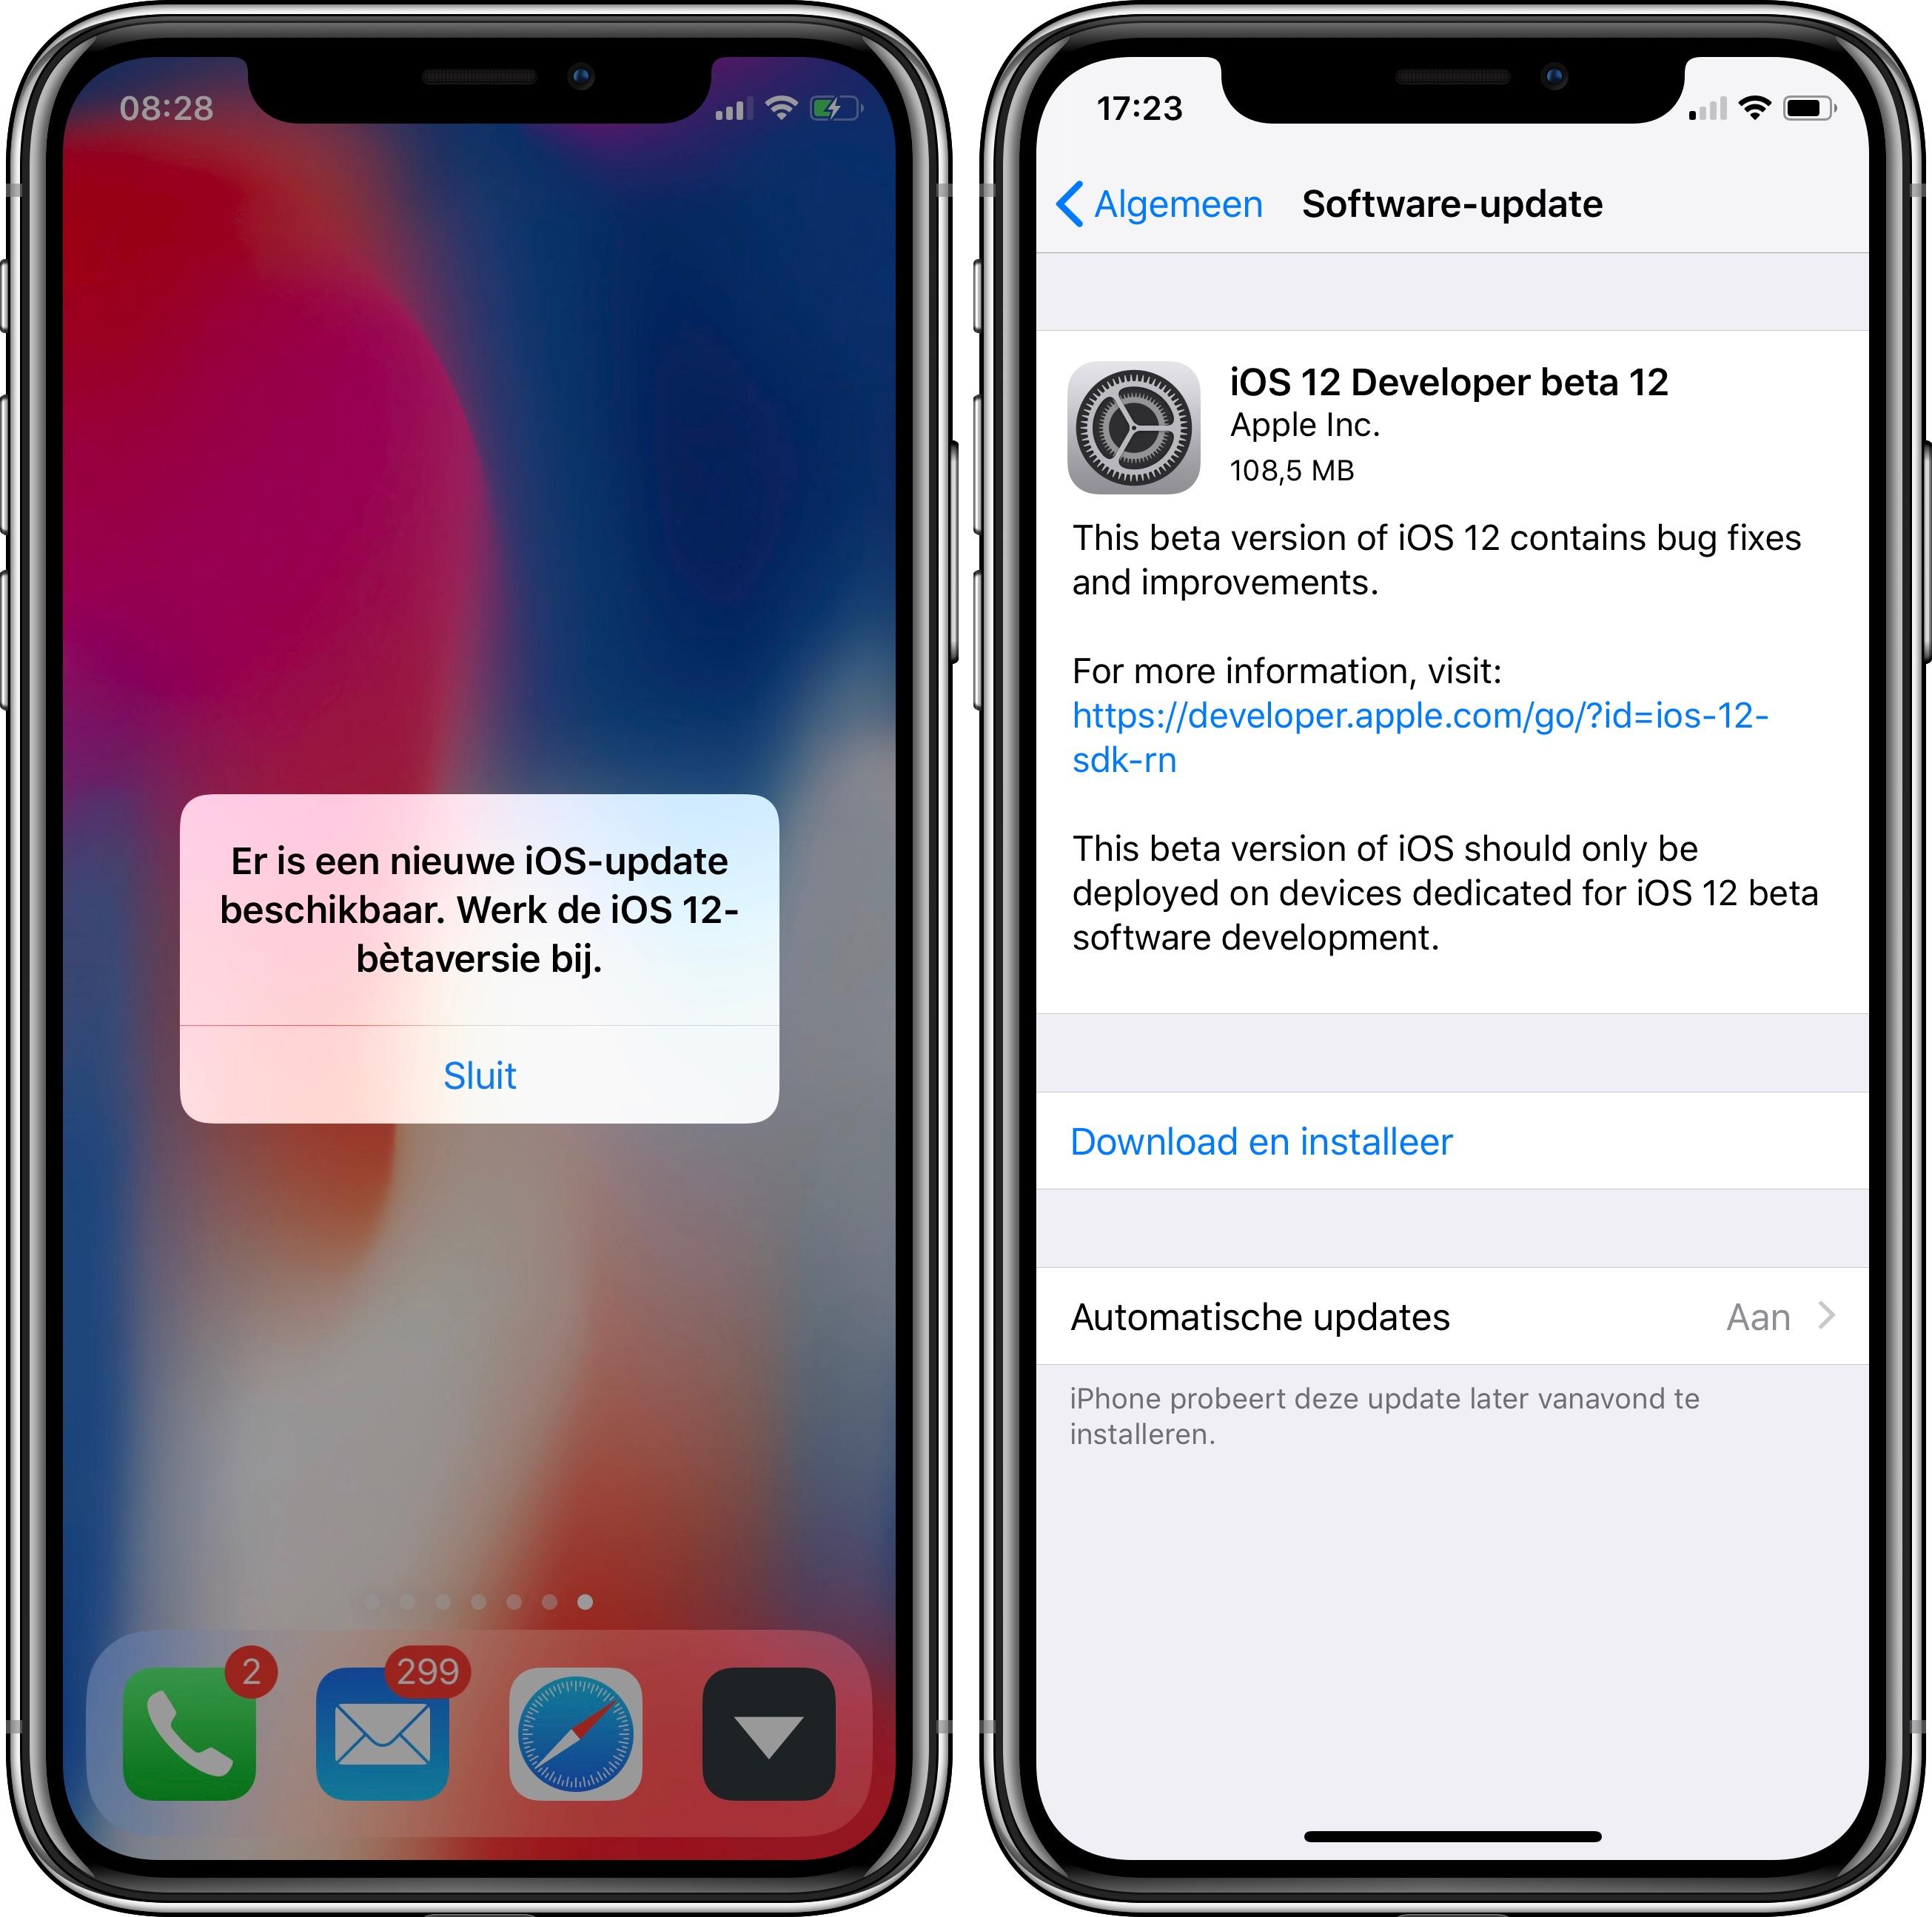 iOS 12 update meldingen